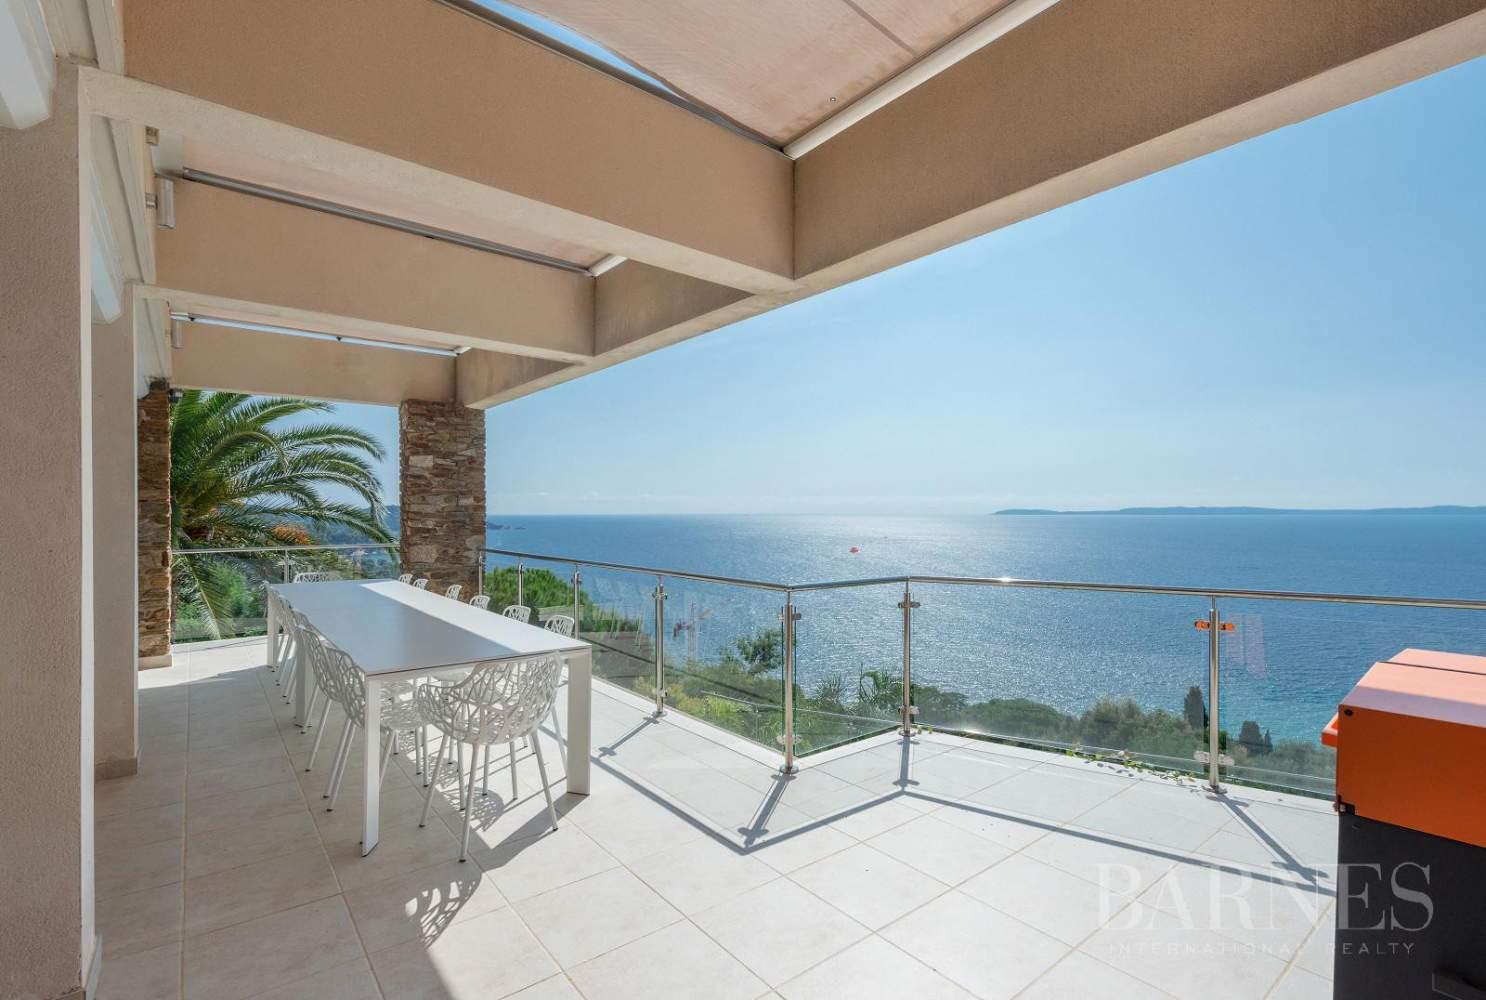 A vendre Le Lavandou villa 6 chambres vue mer panoramique - piscine picture 17